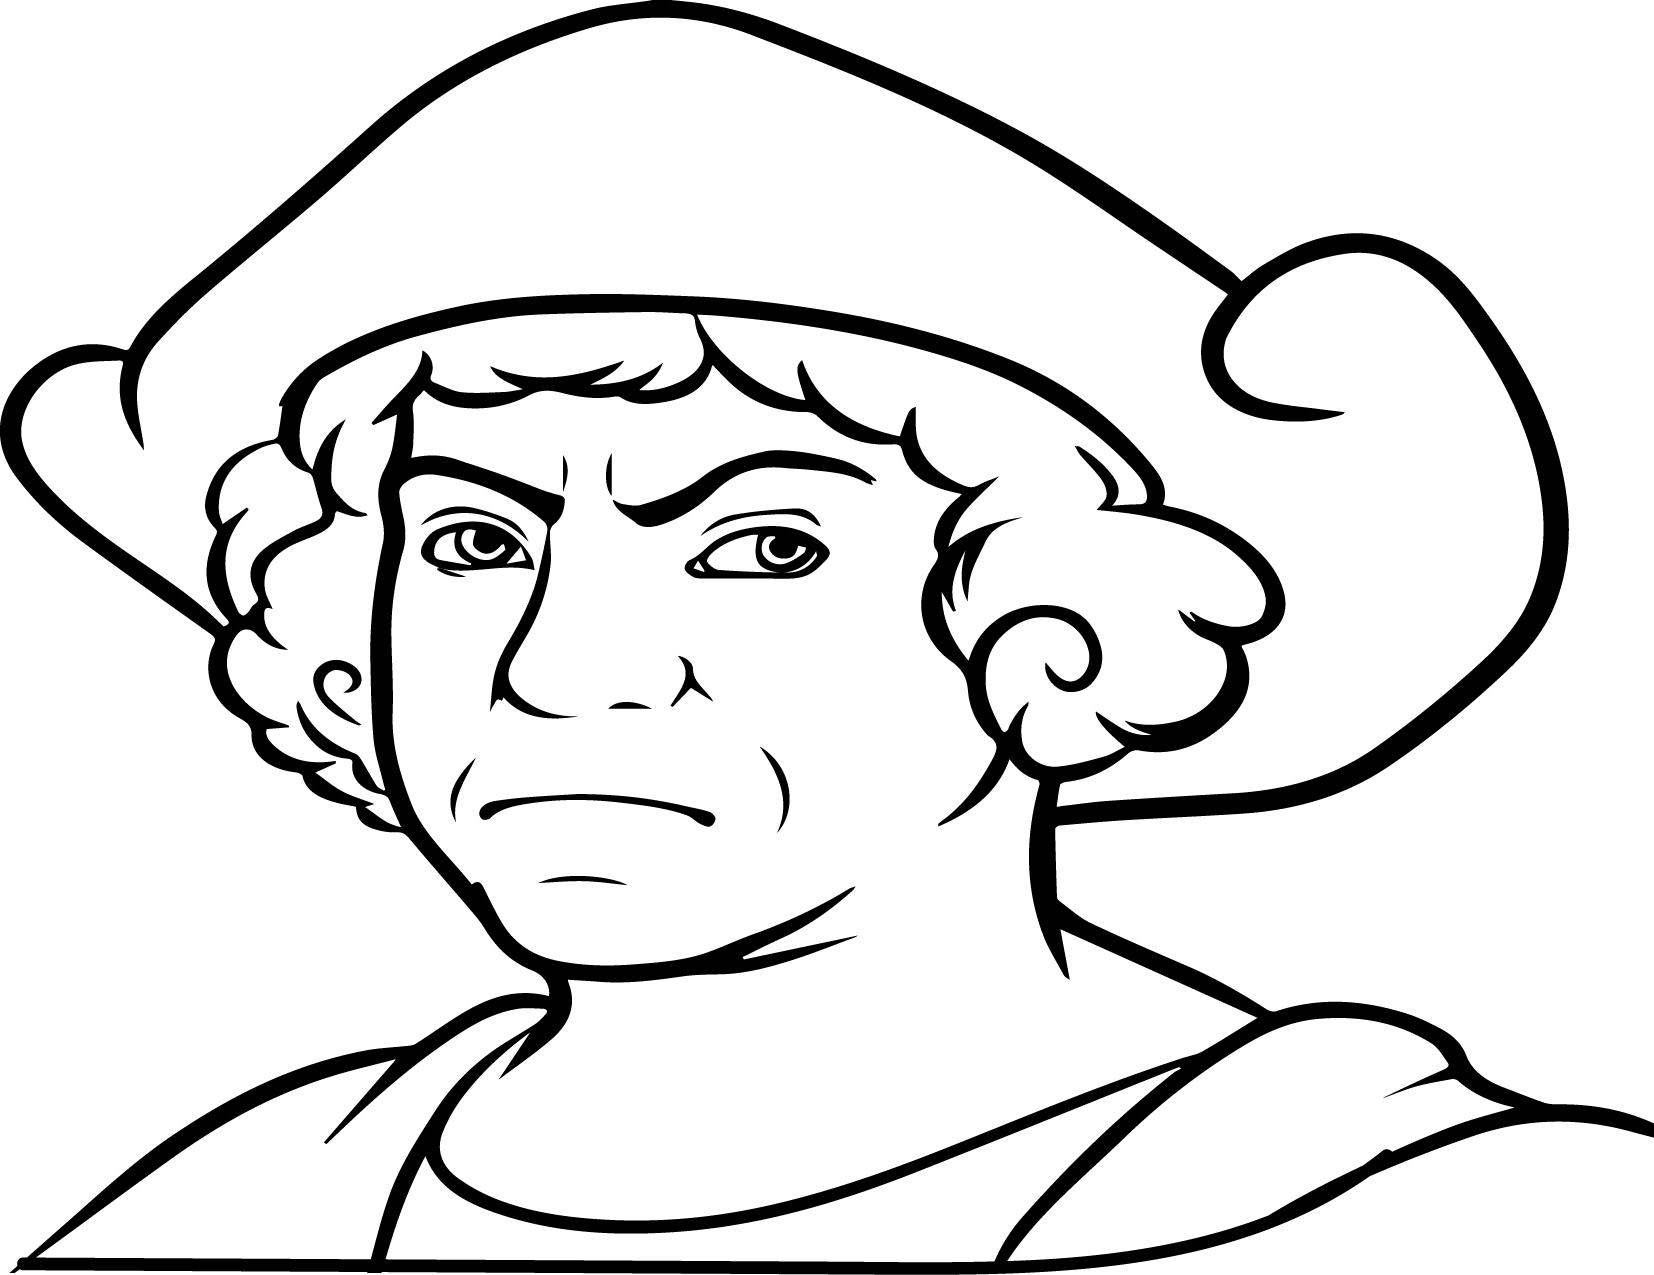 Beste Christopher Columbus Malvorlagen Bilder - Entry Level Resume ...